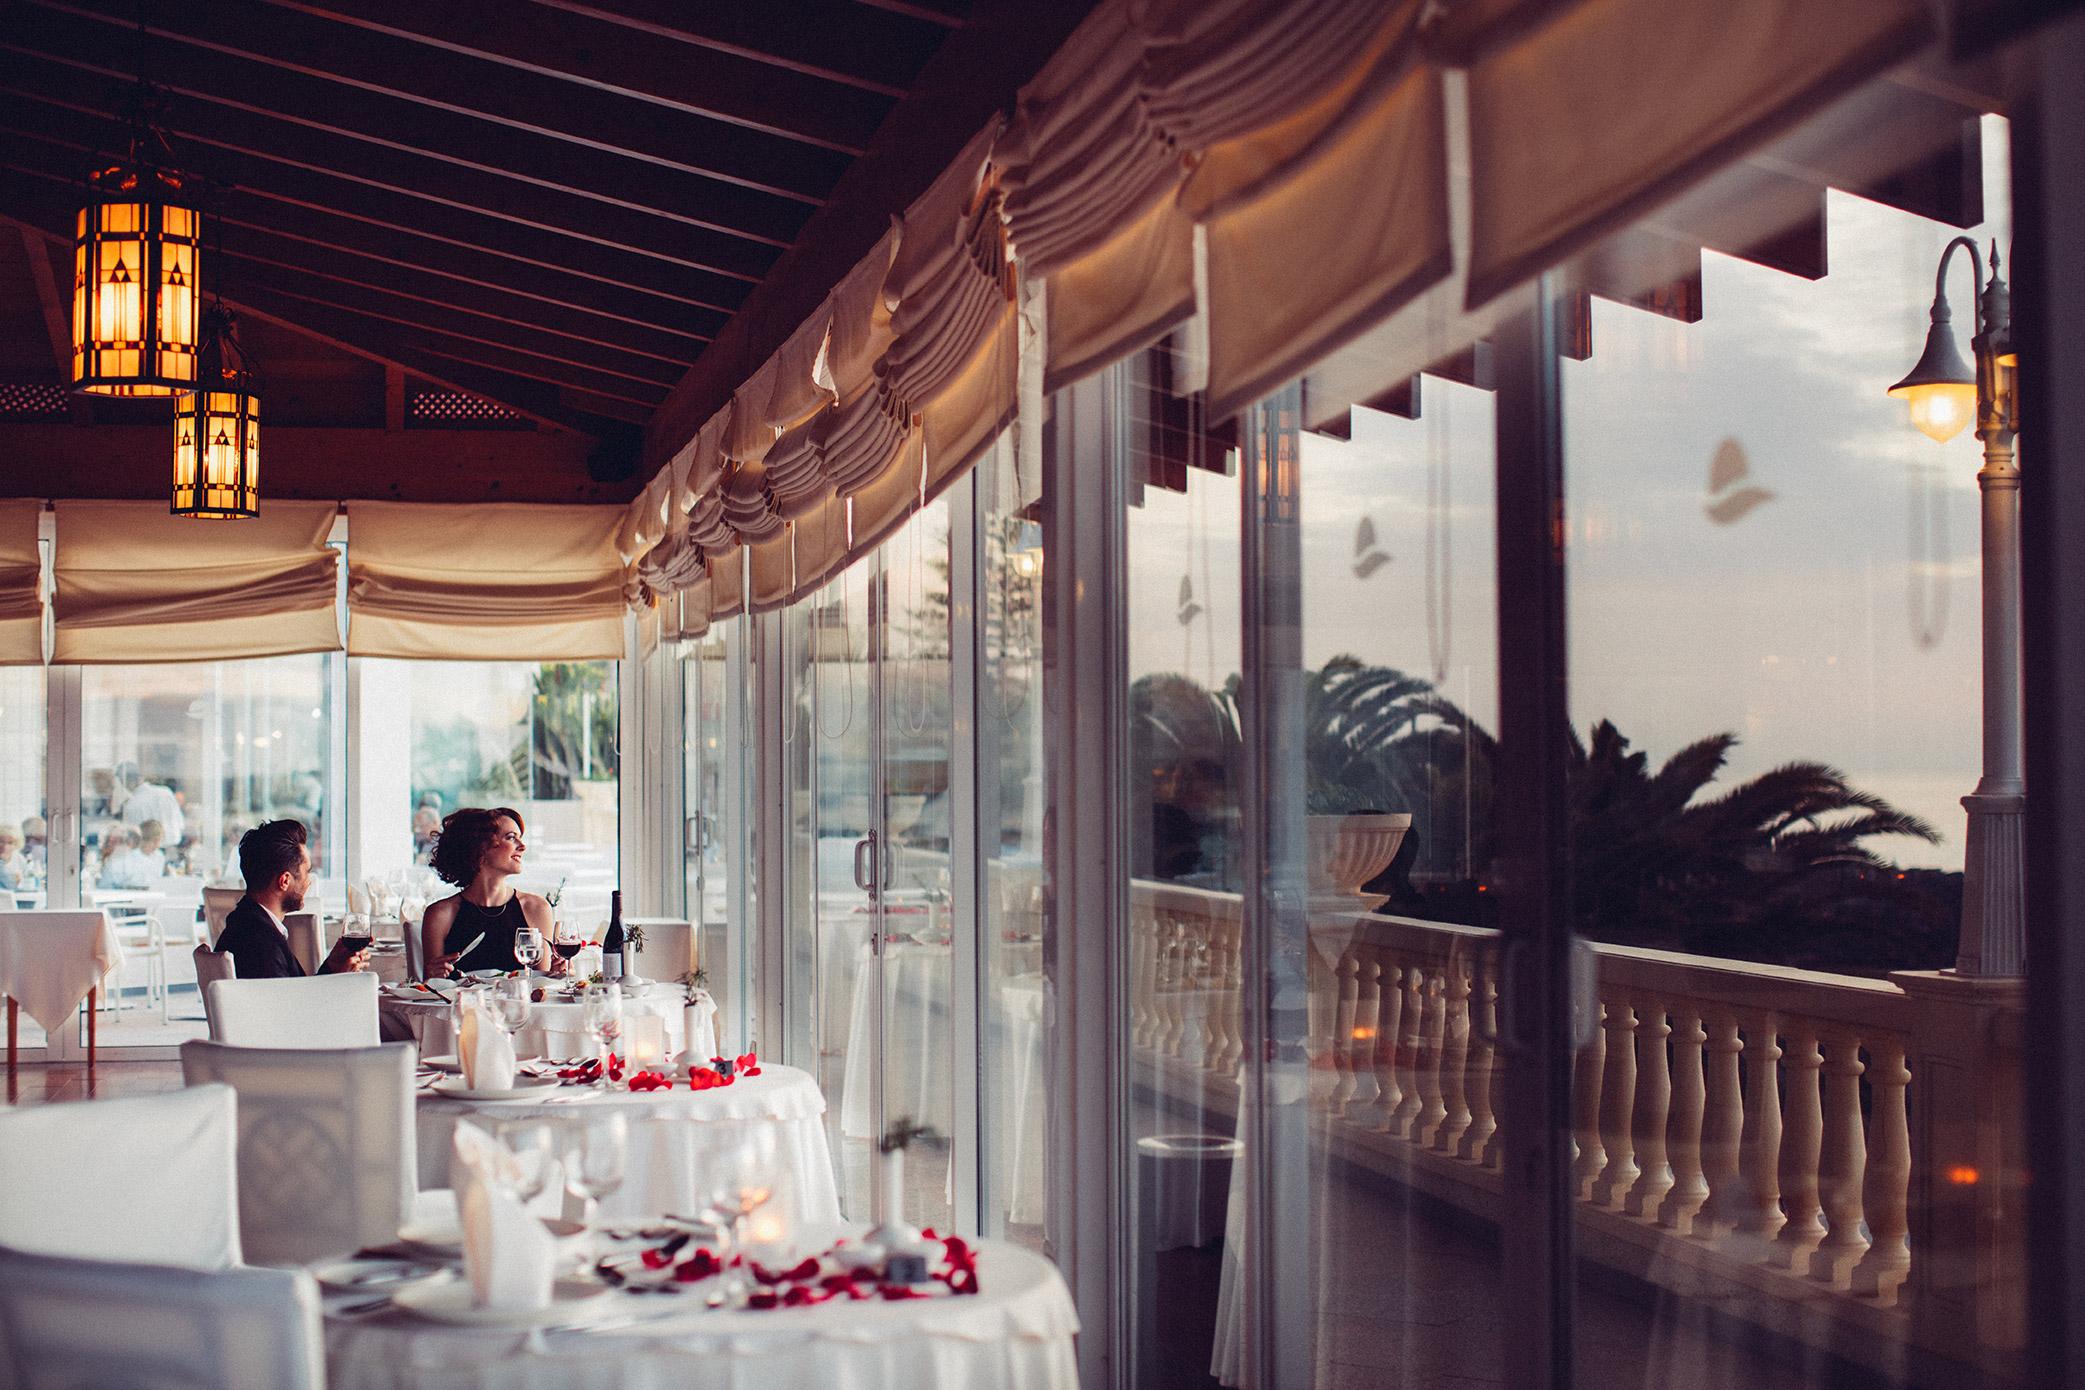 Sensimar Arona Gran & Spa en Los Cristianos